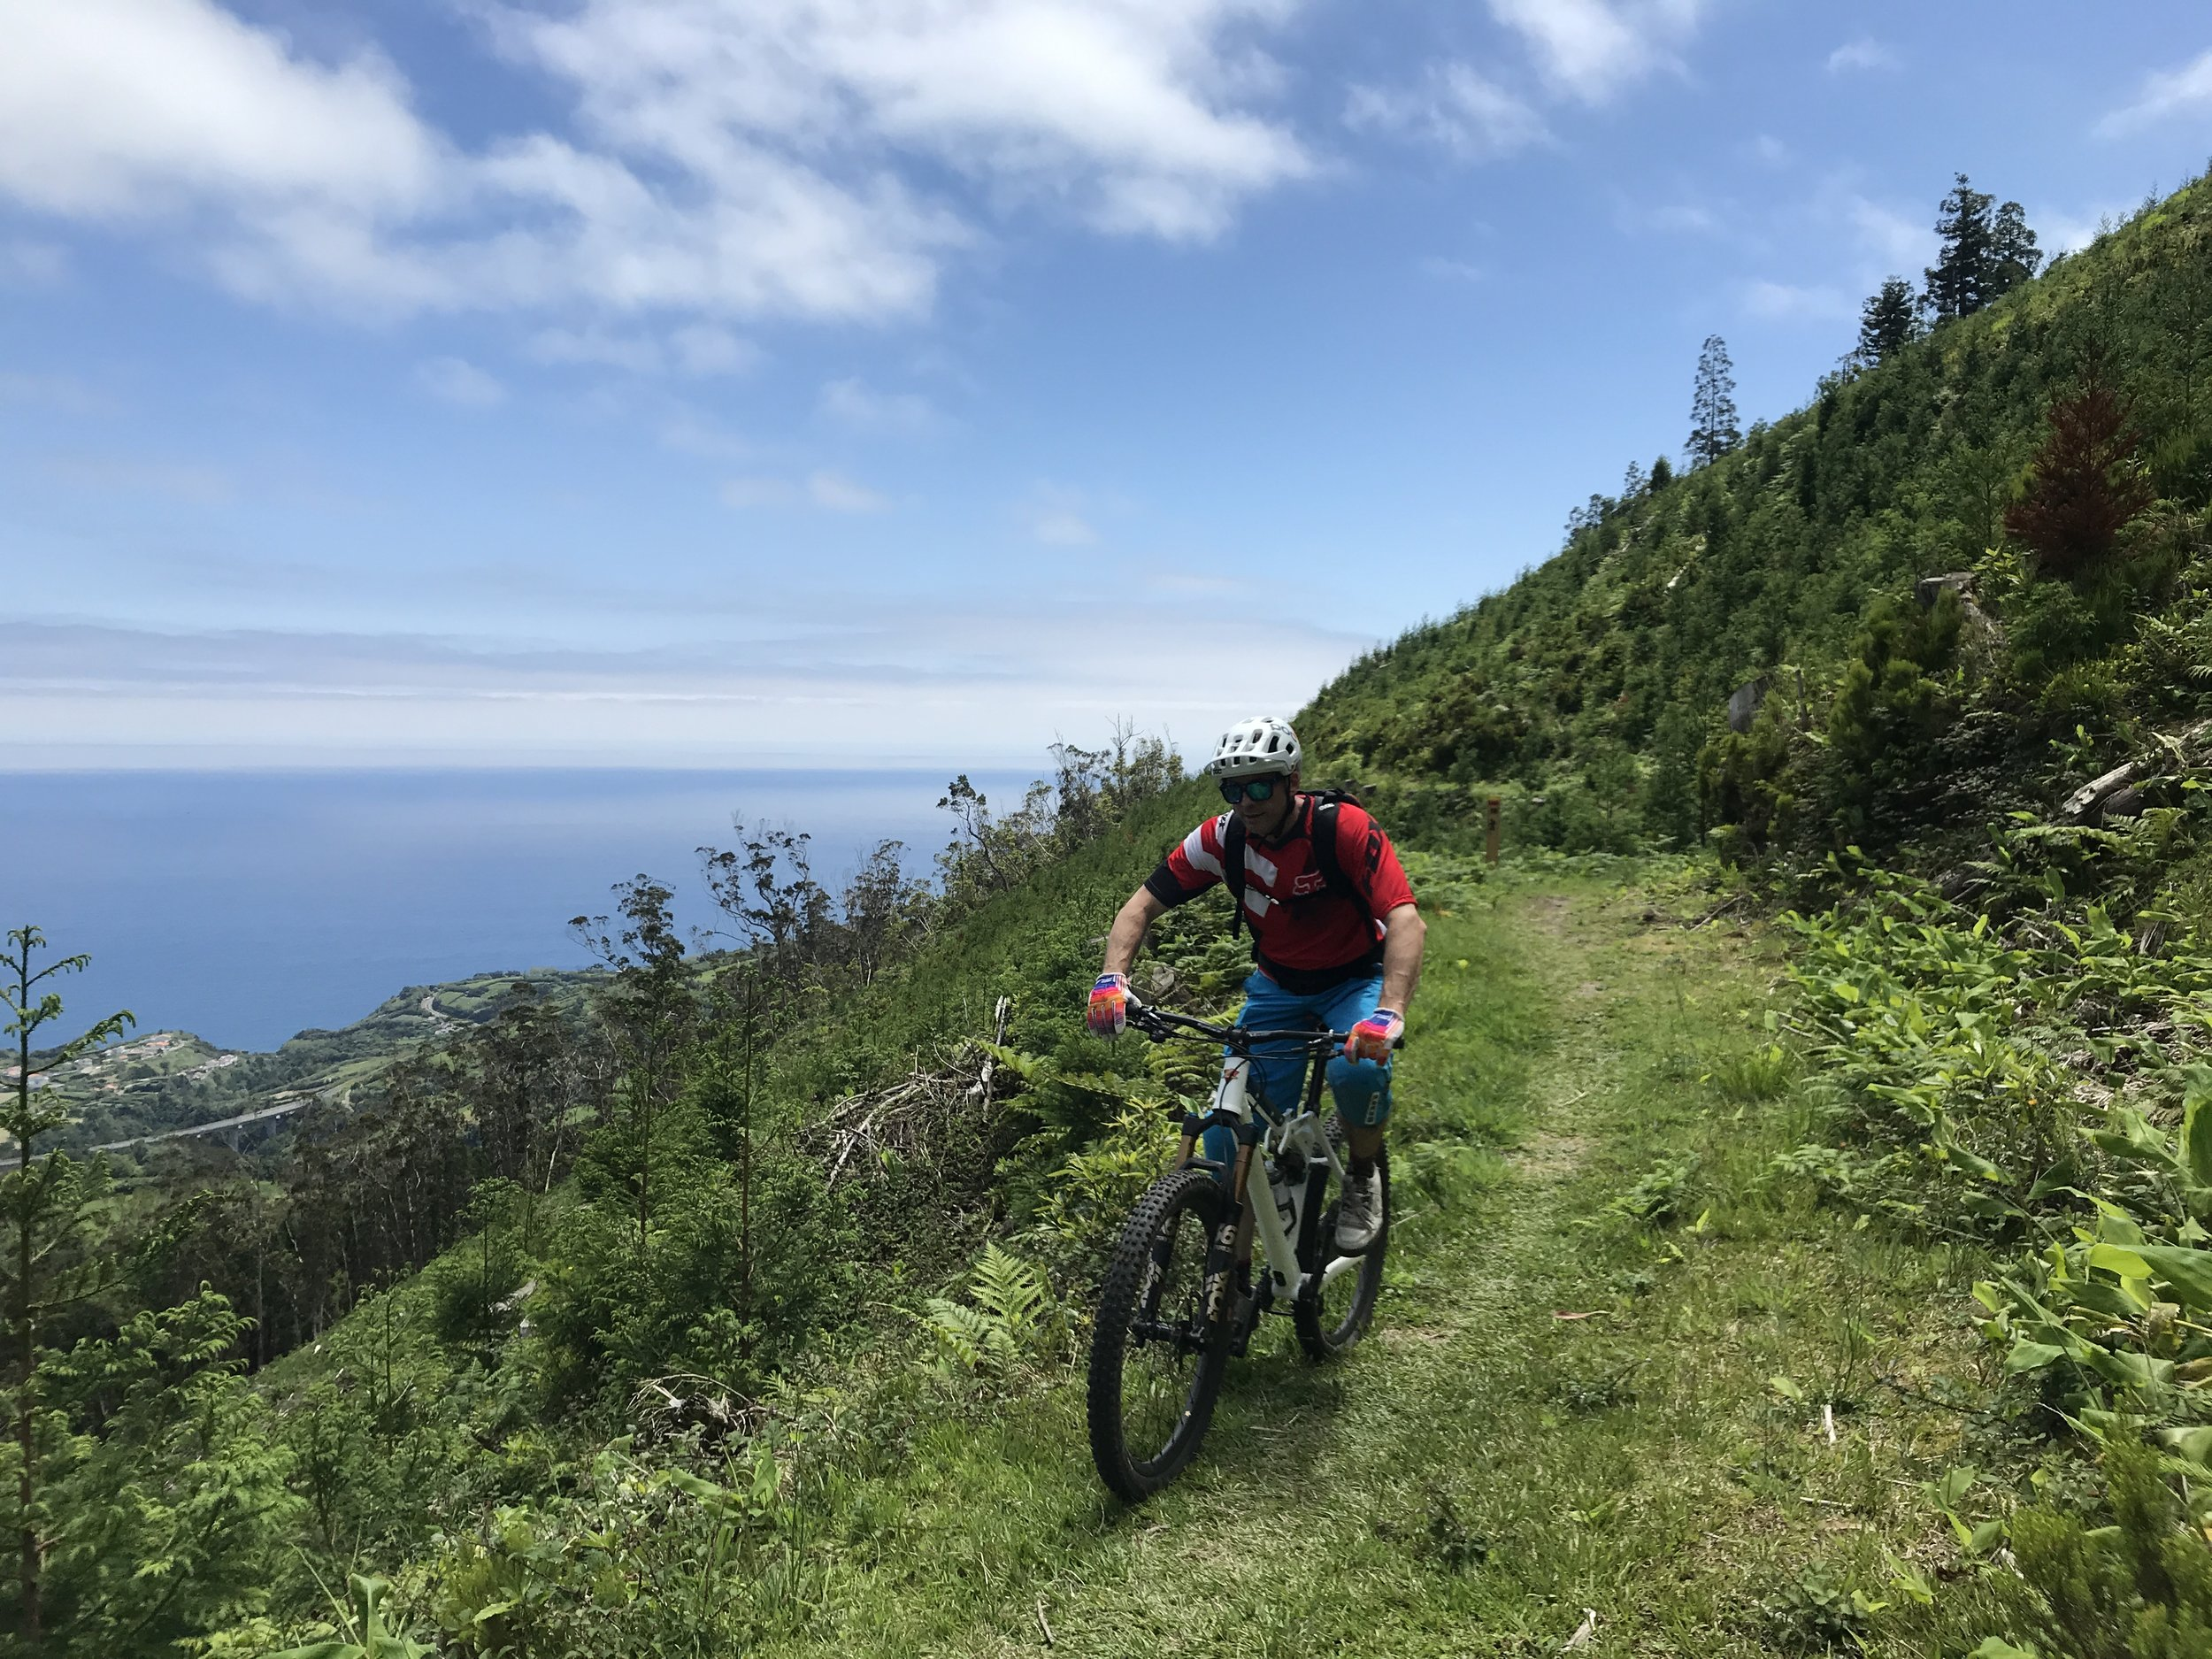 Biken mit Atlantik im Hintergrund